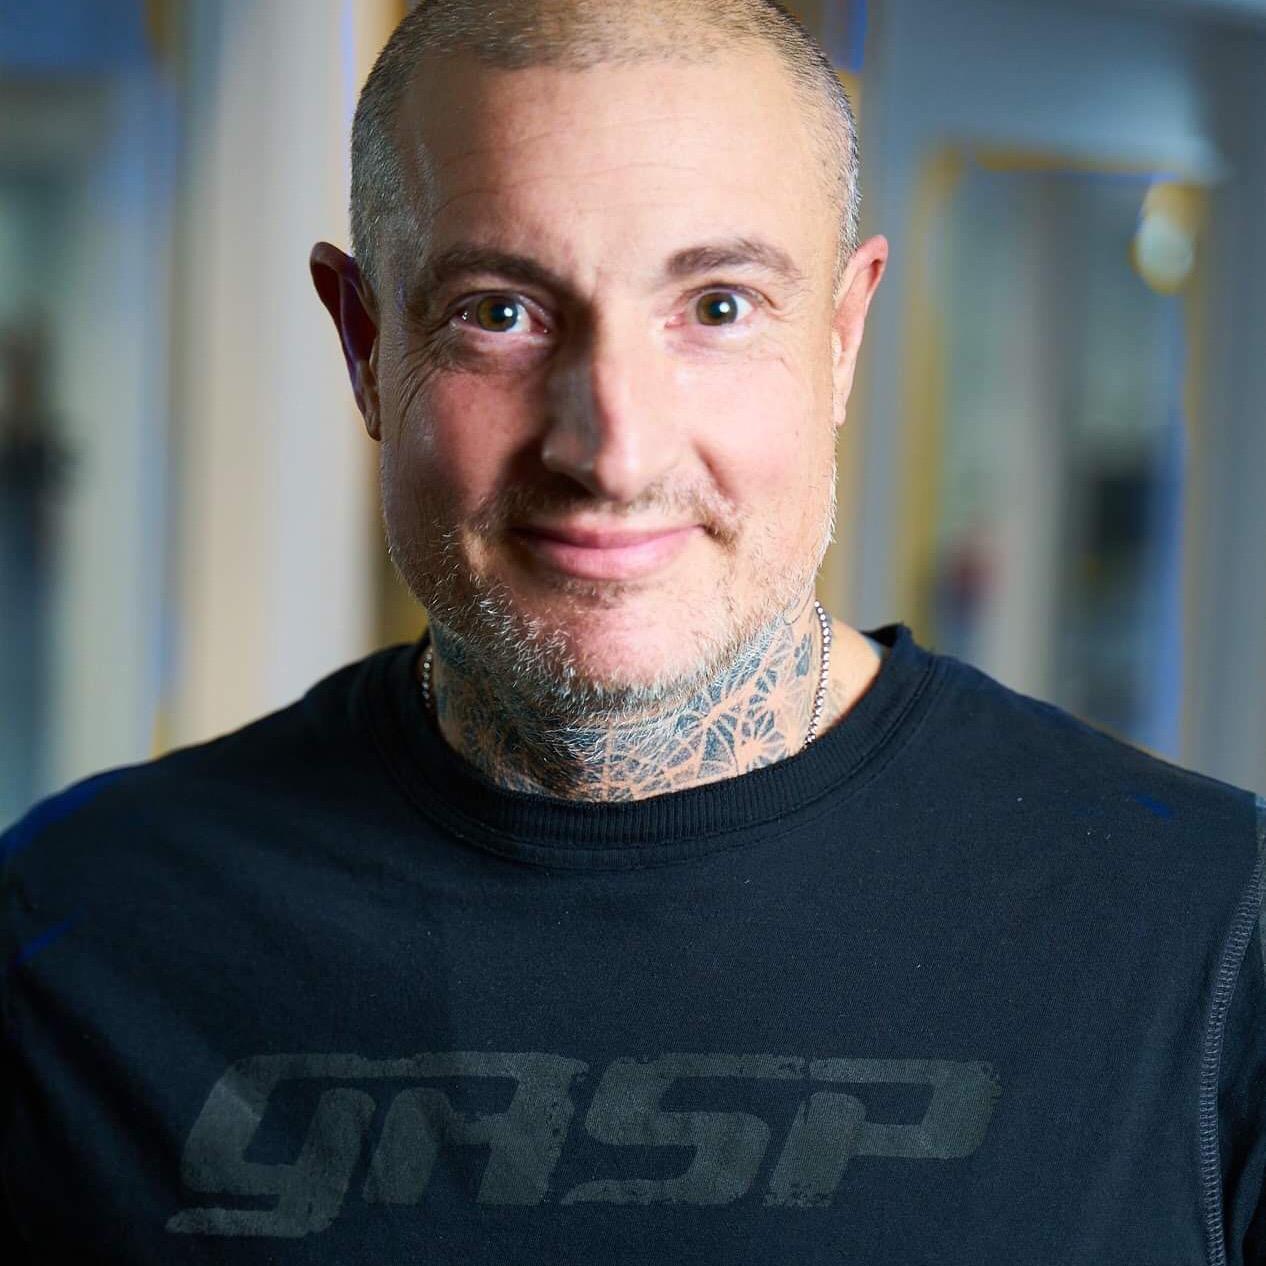 Mike Björk